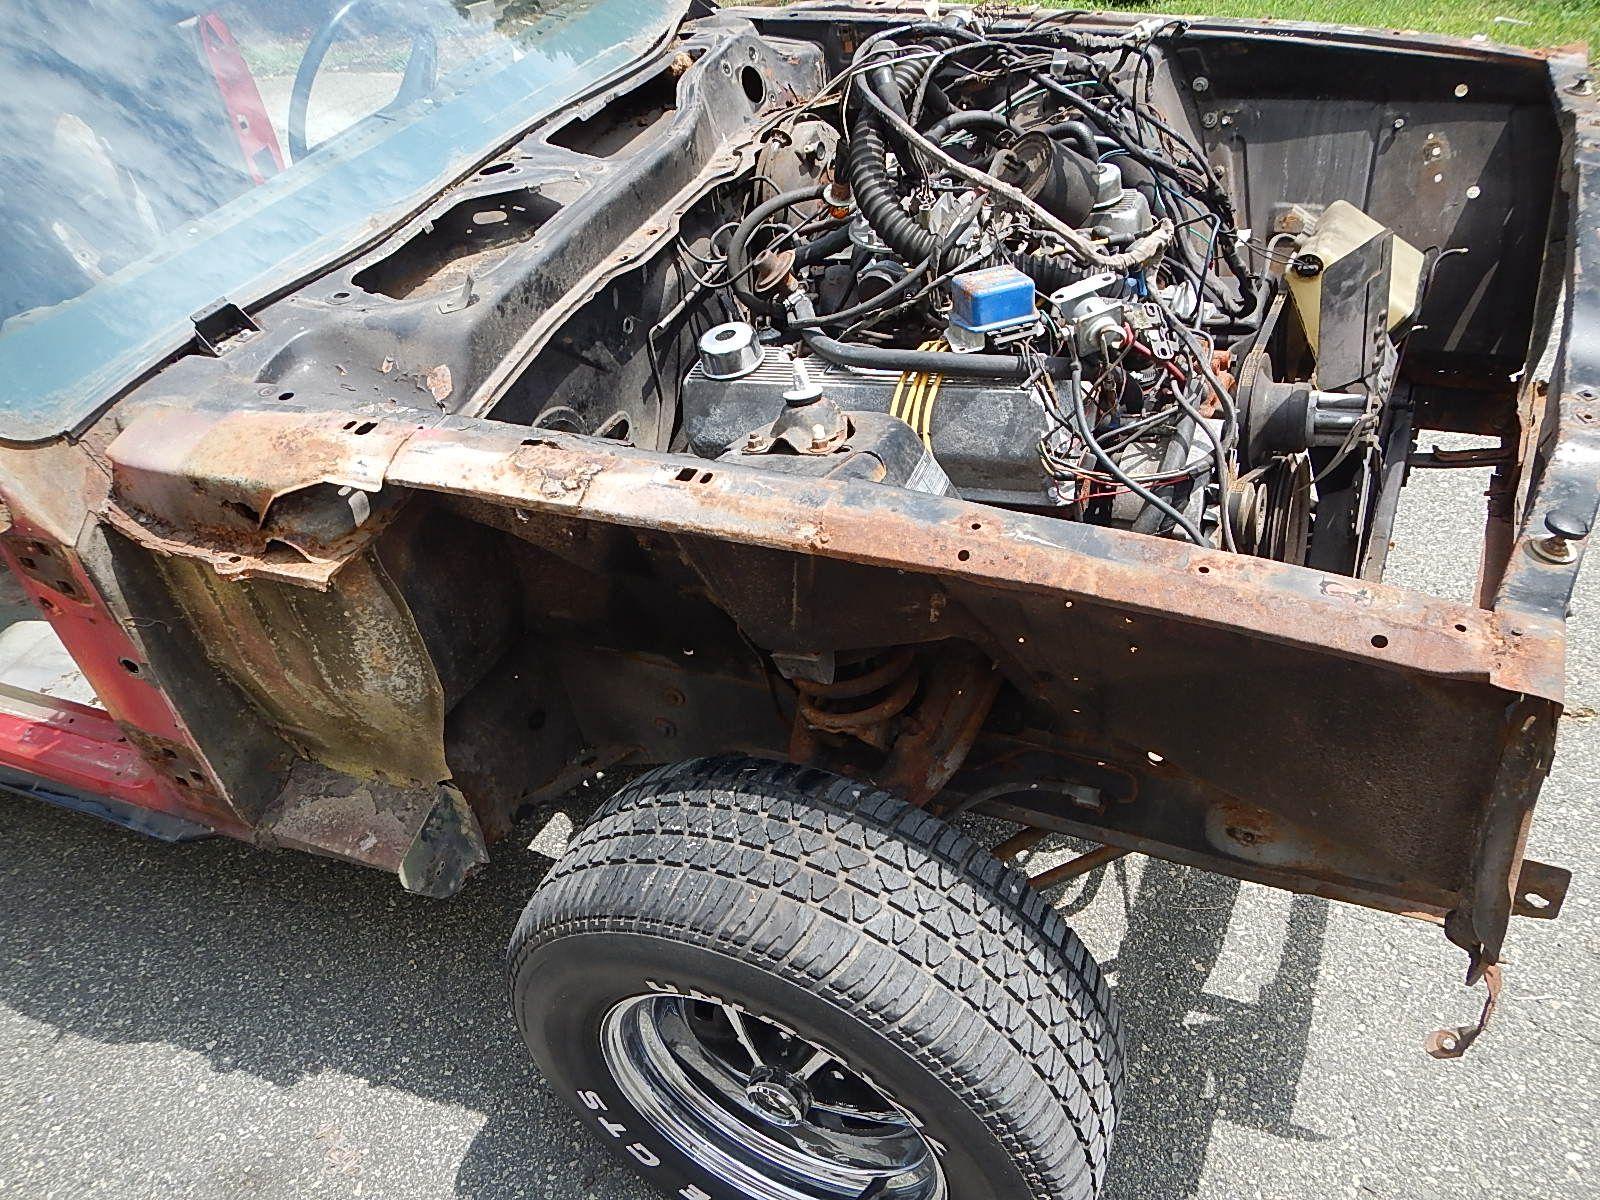 1971 Mustang 351 Restoration 144.jpg